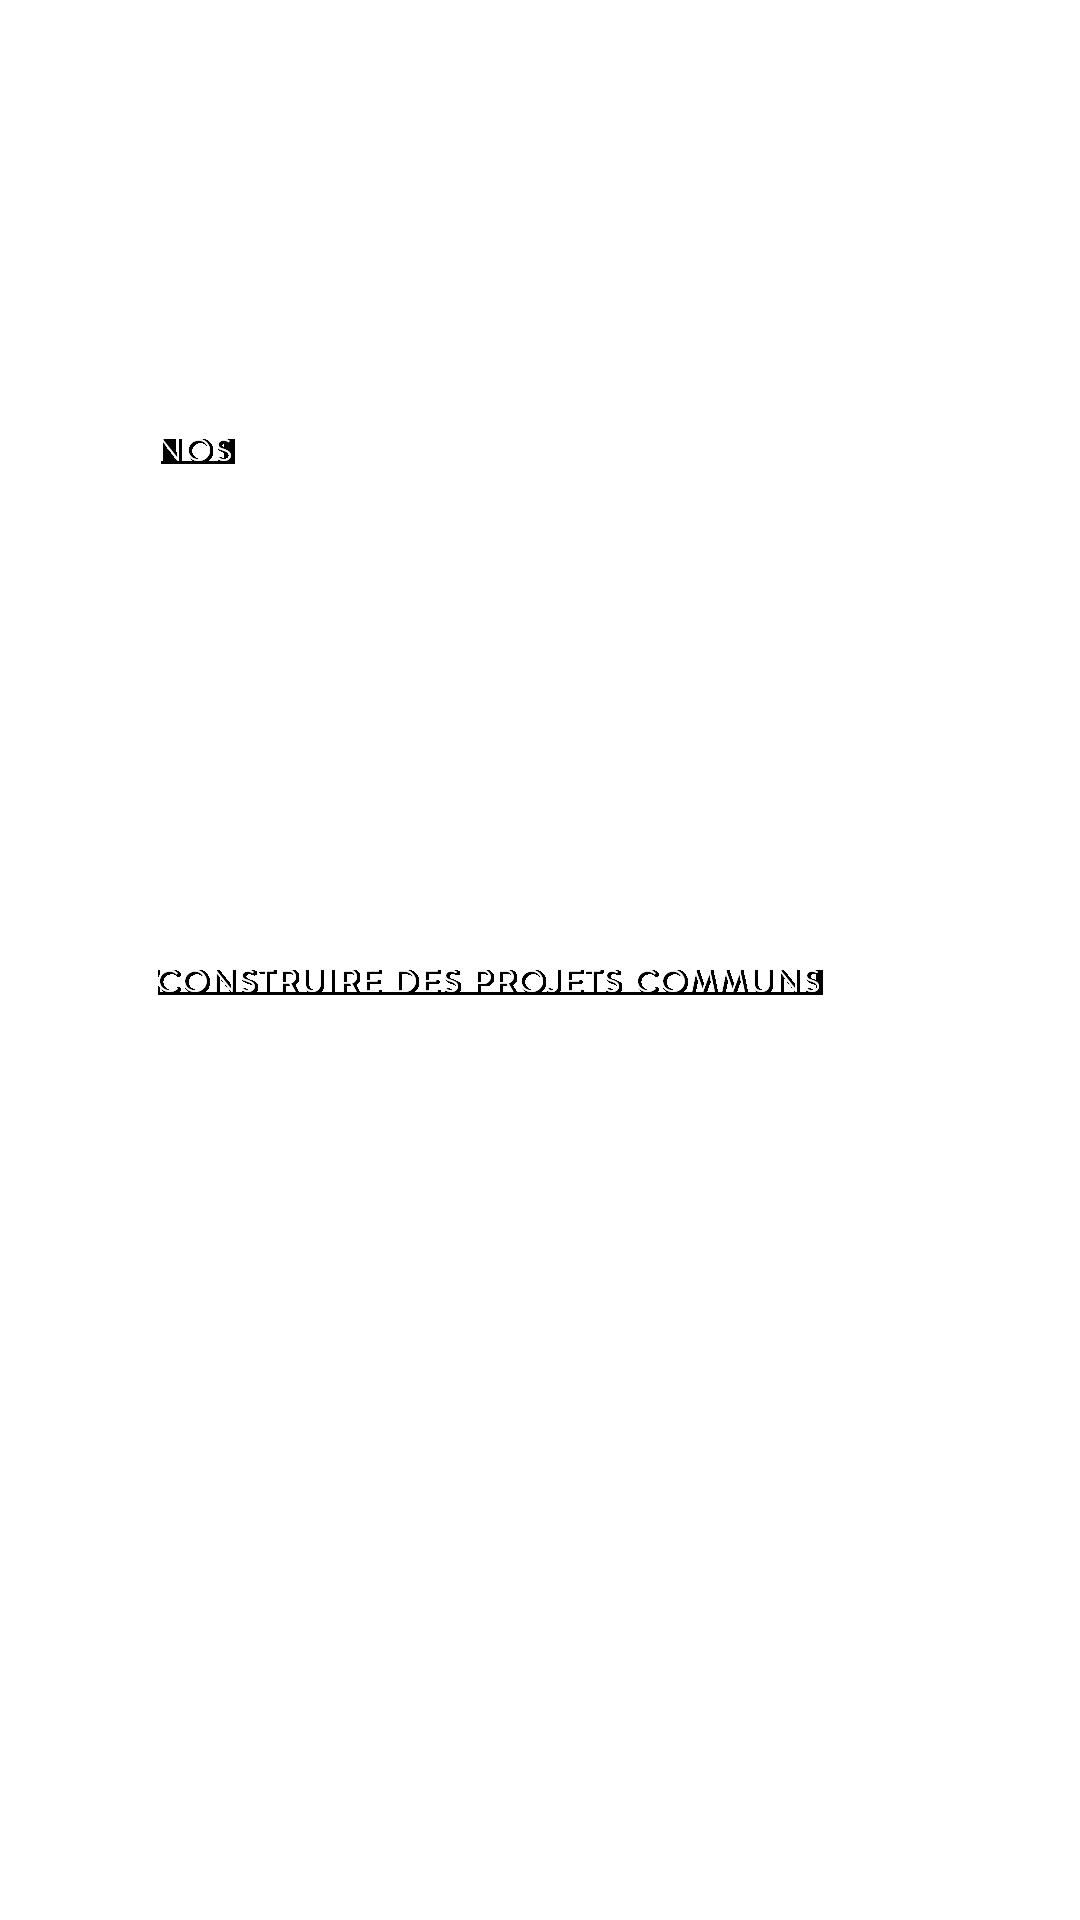 Nos partenaires : construire des projets communs